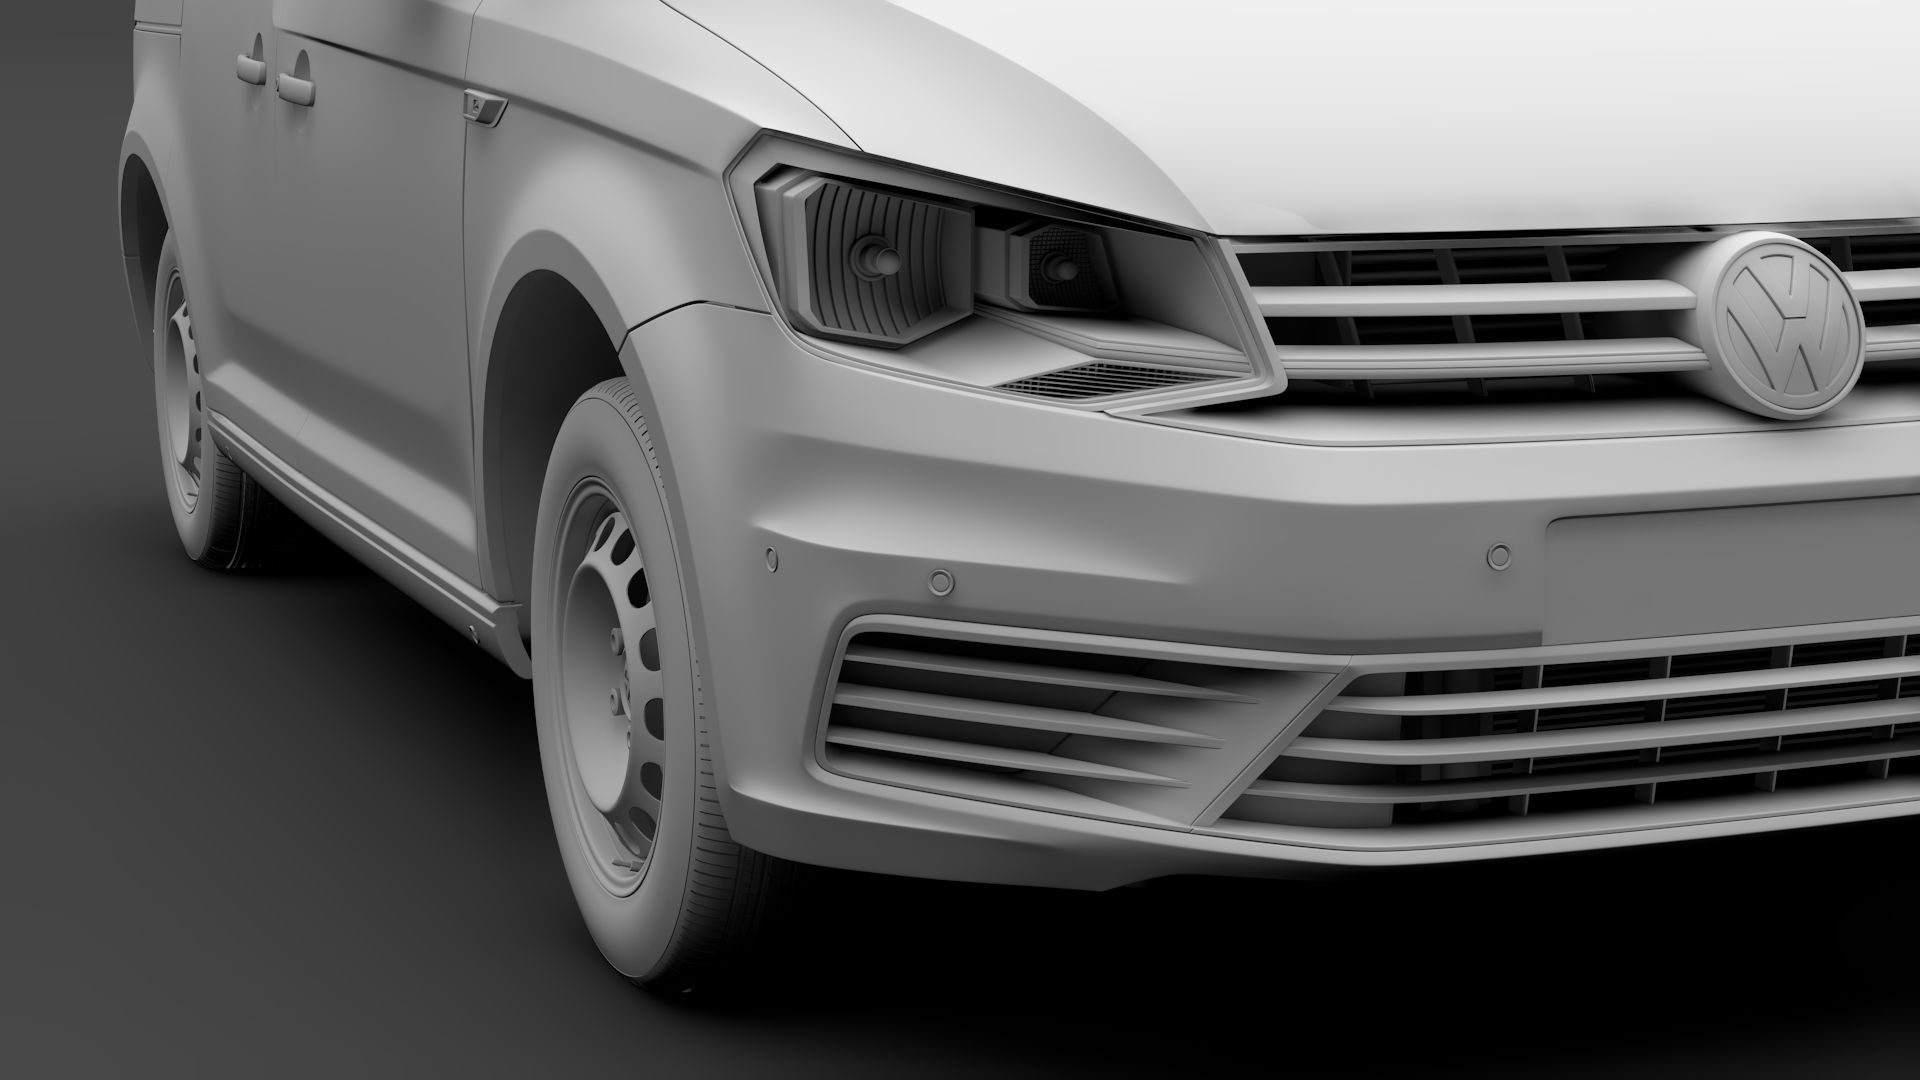 volkswagen caddy panel van l1 2017 3d model max fbx c4d lwo ma mb hrc xsi obj 274409